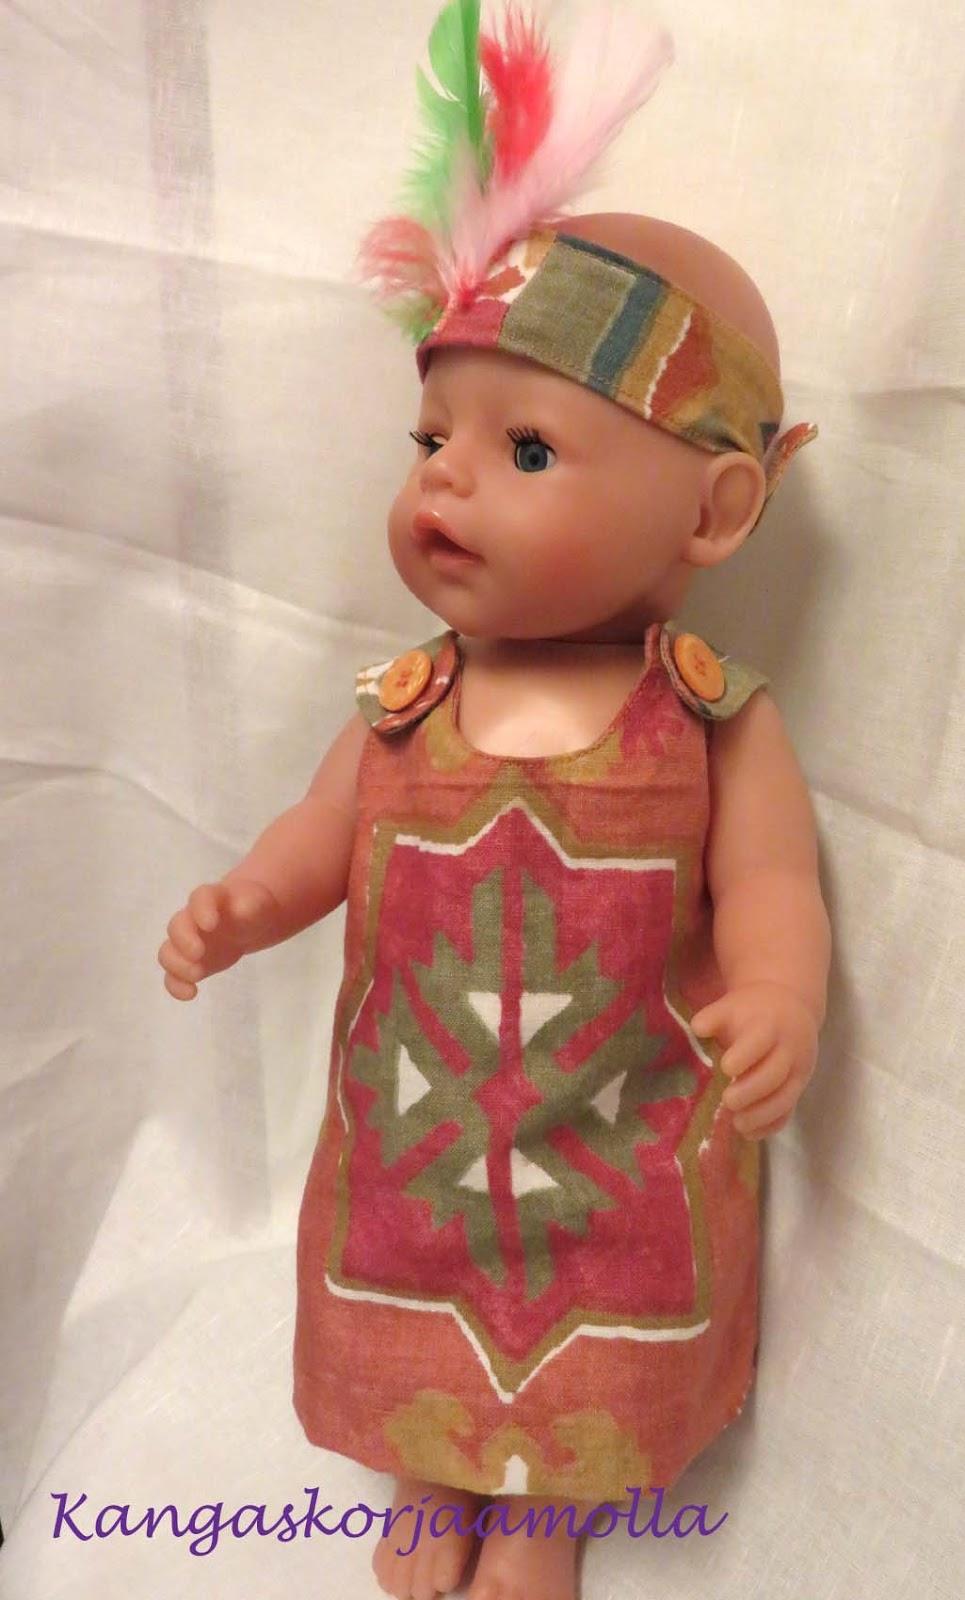 0e7874a727e9 Kangaskorjaamolla  Baby Born nukelle vaatteita   kaavat